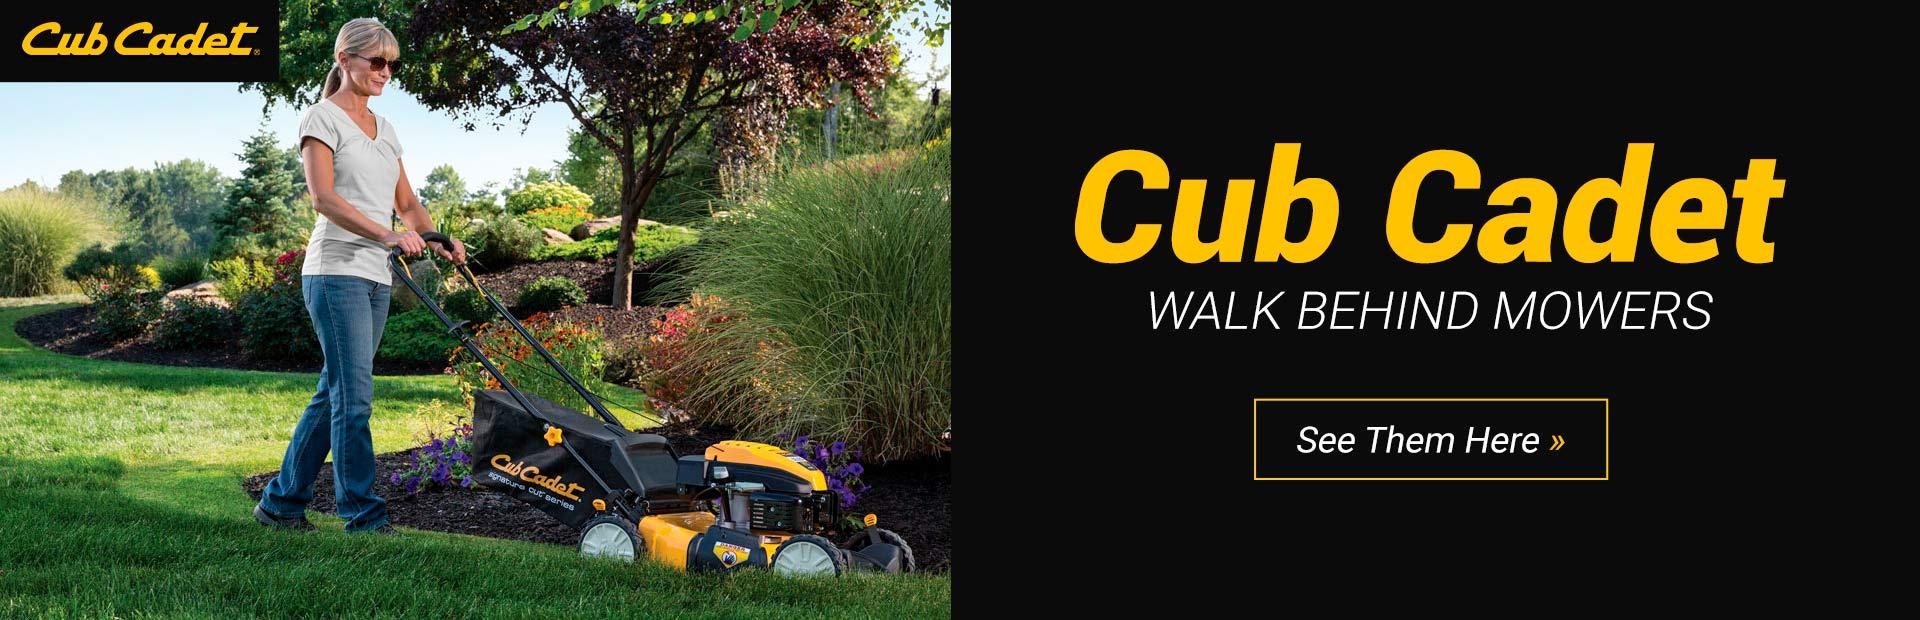 home carol stream lawn power carol stream il 630 483 0888 home carol stream lawn power carol